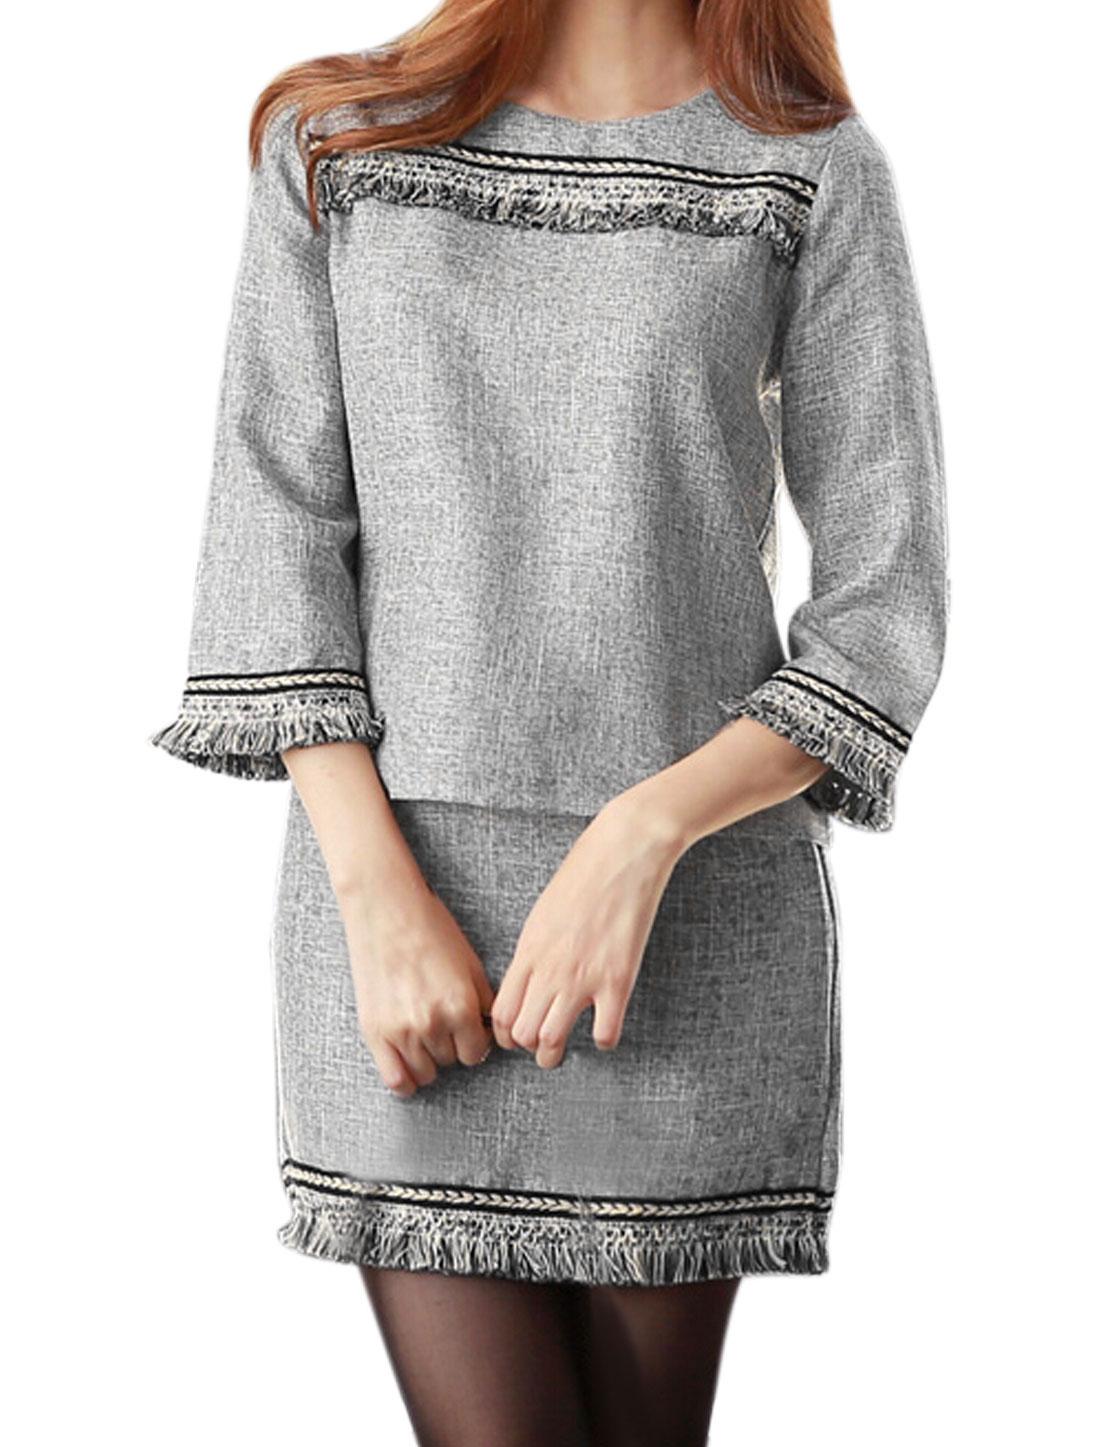 Women 3/4 Sleeves Tassels Top w Hidden Zipper Side Short Skirt Set Gray M